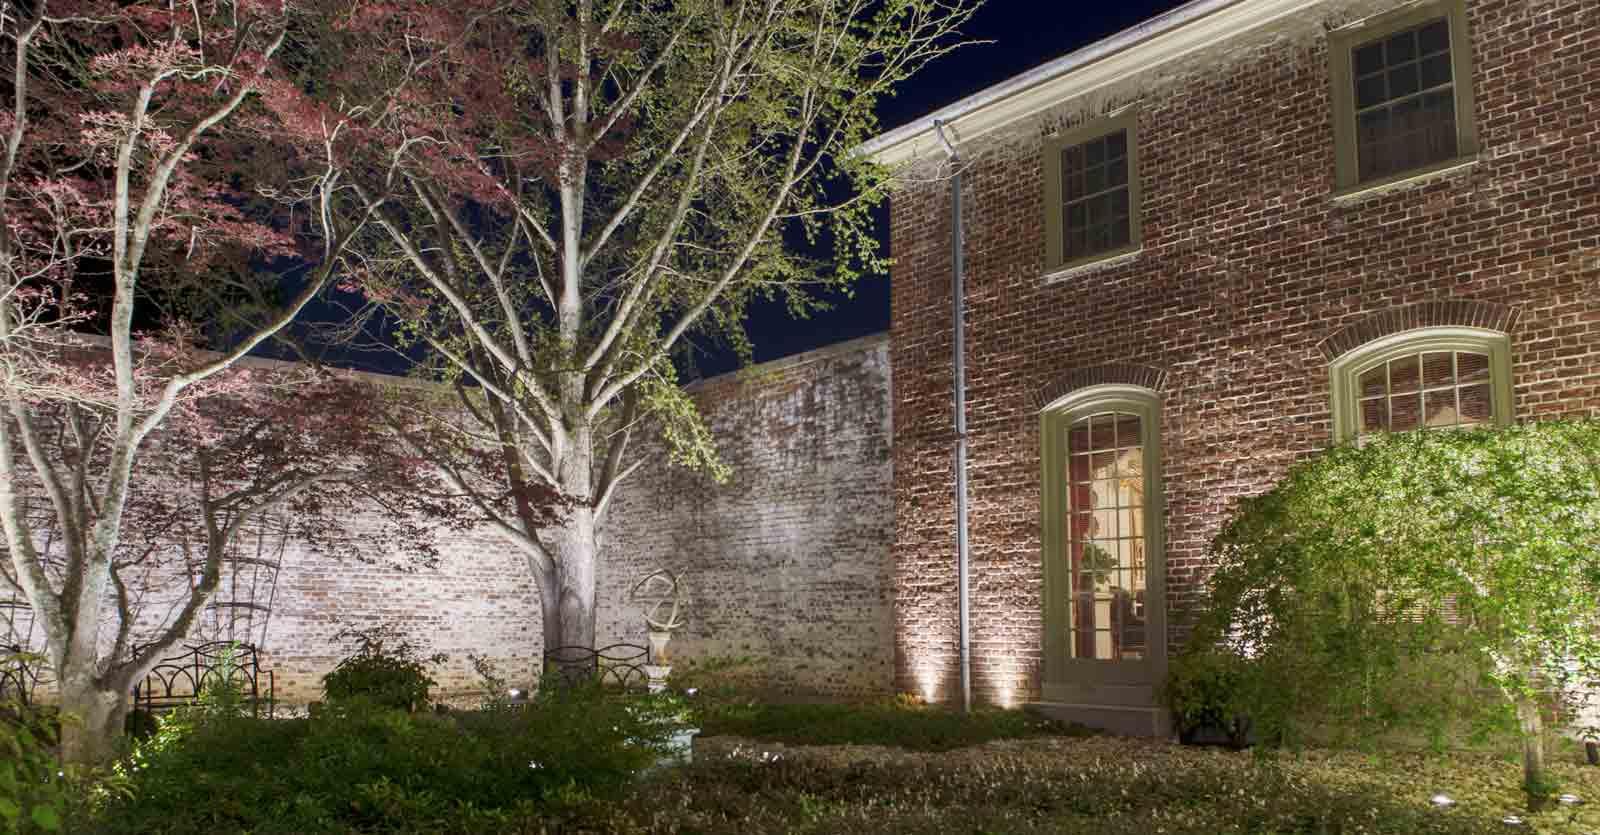 james city county garden lighting